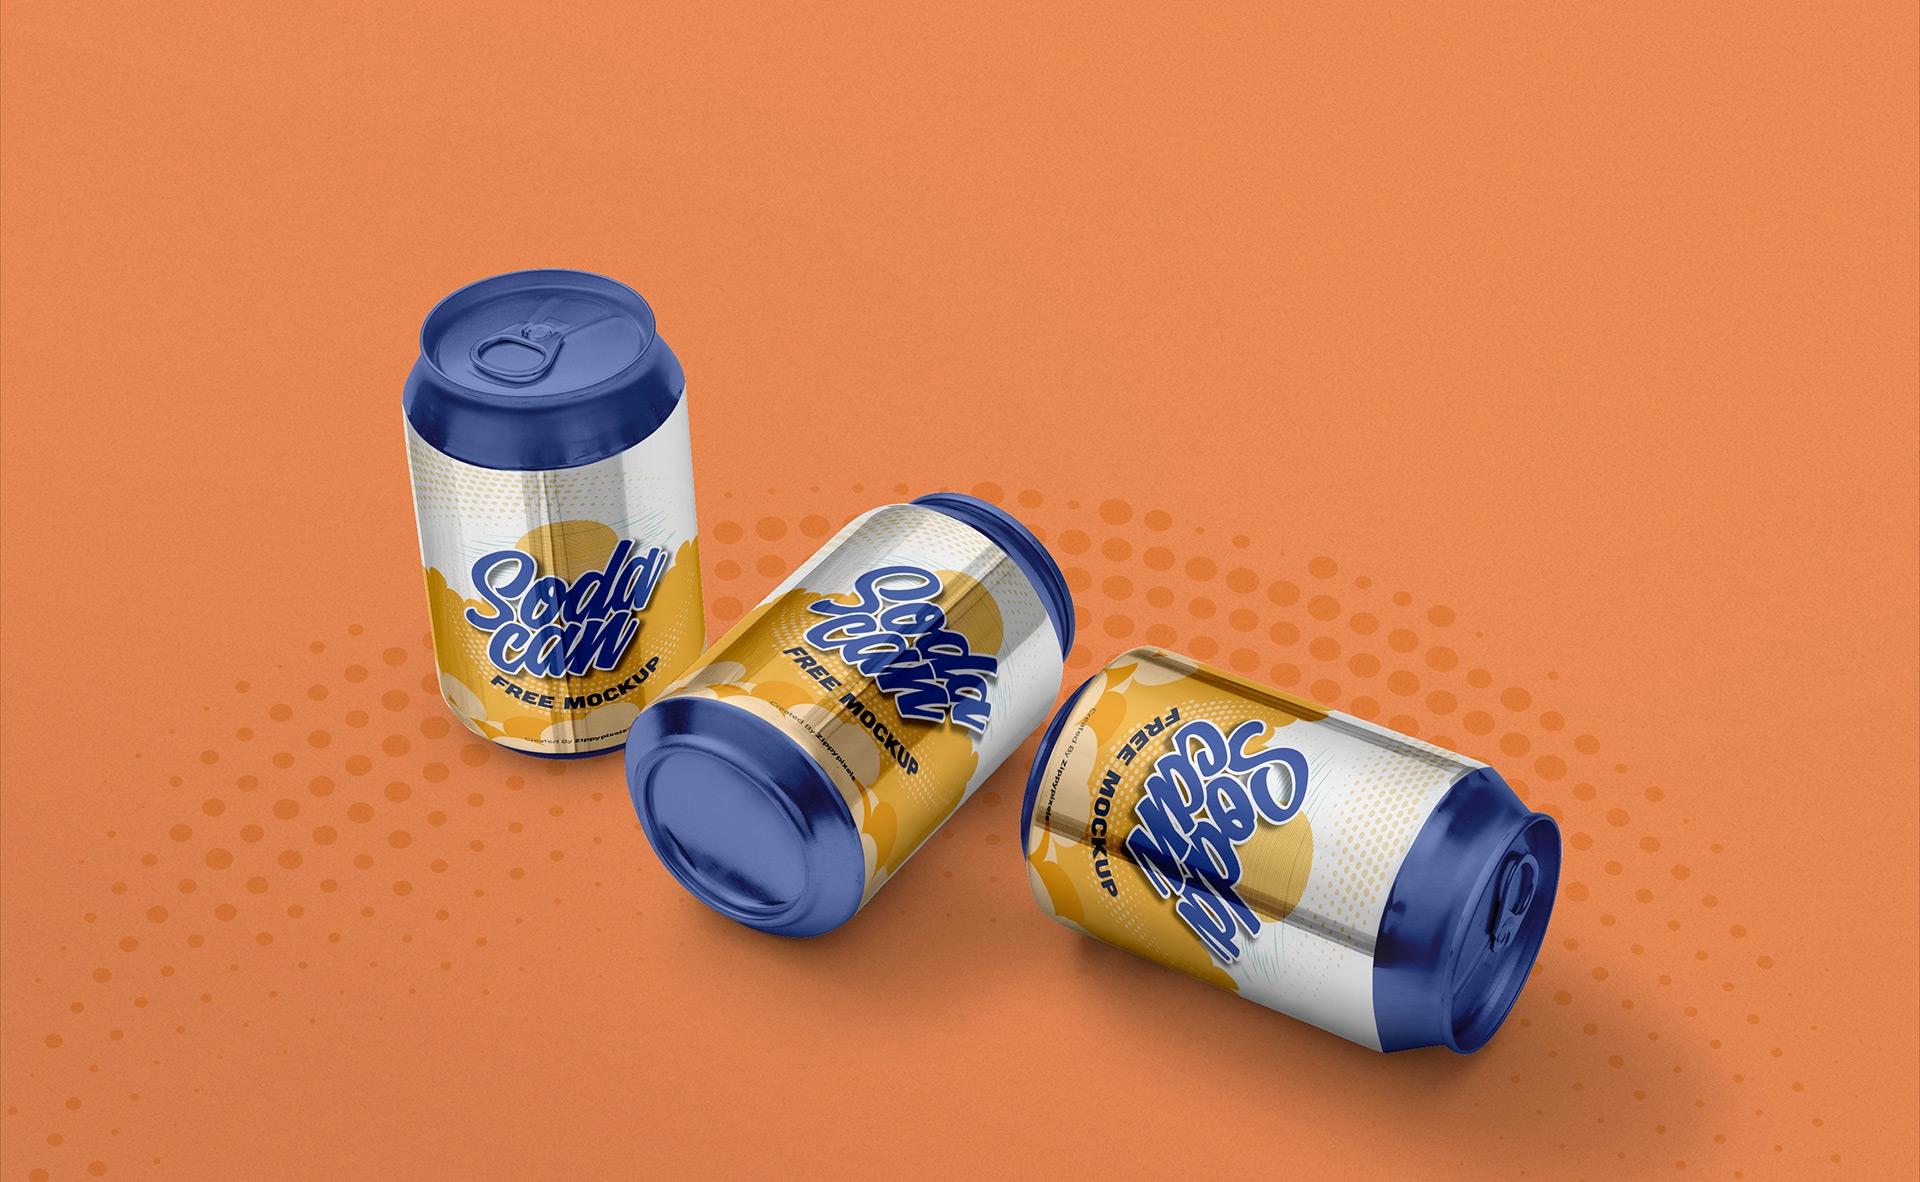 饮料易拉罐类样机模型展示  智能贴图样机360-soda-can-small-mockup